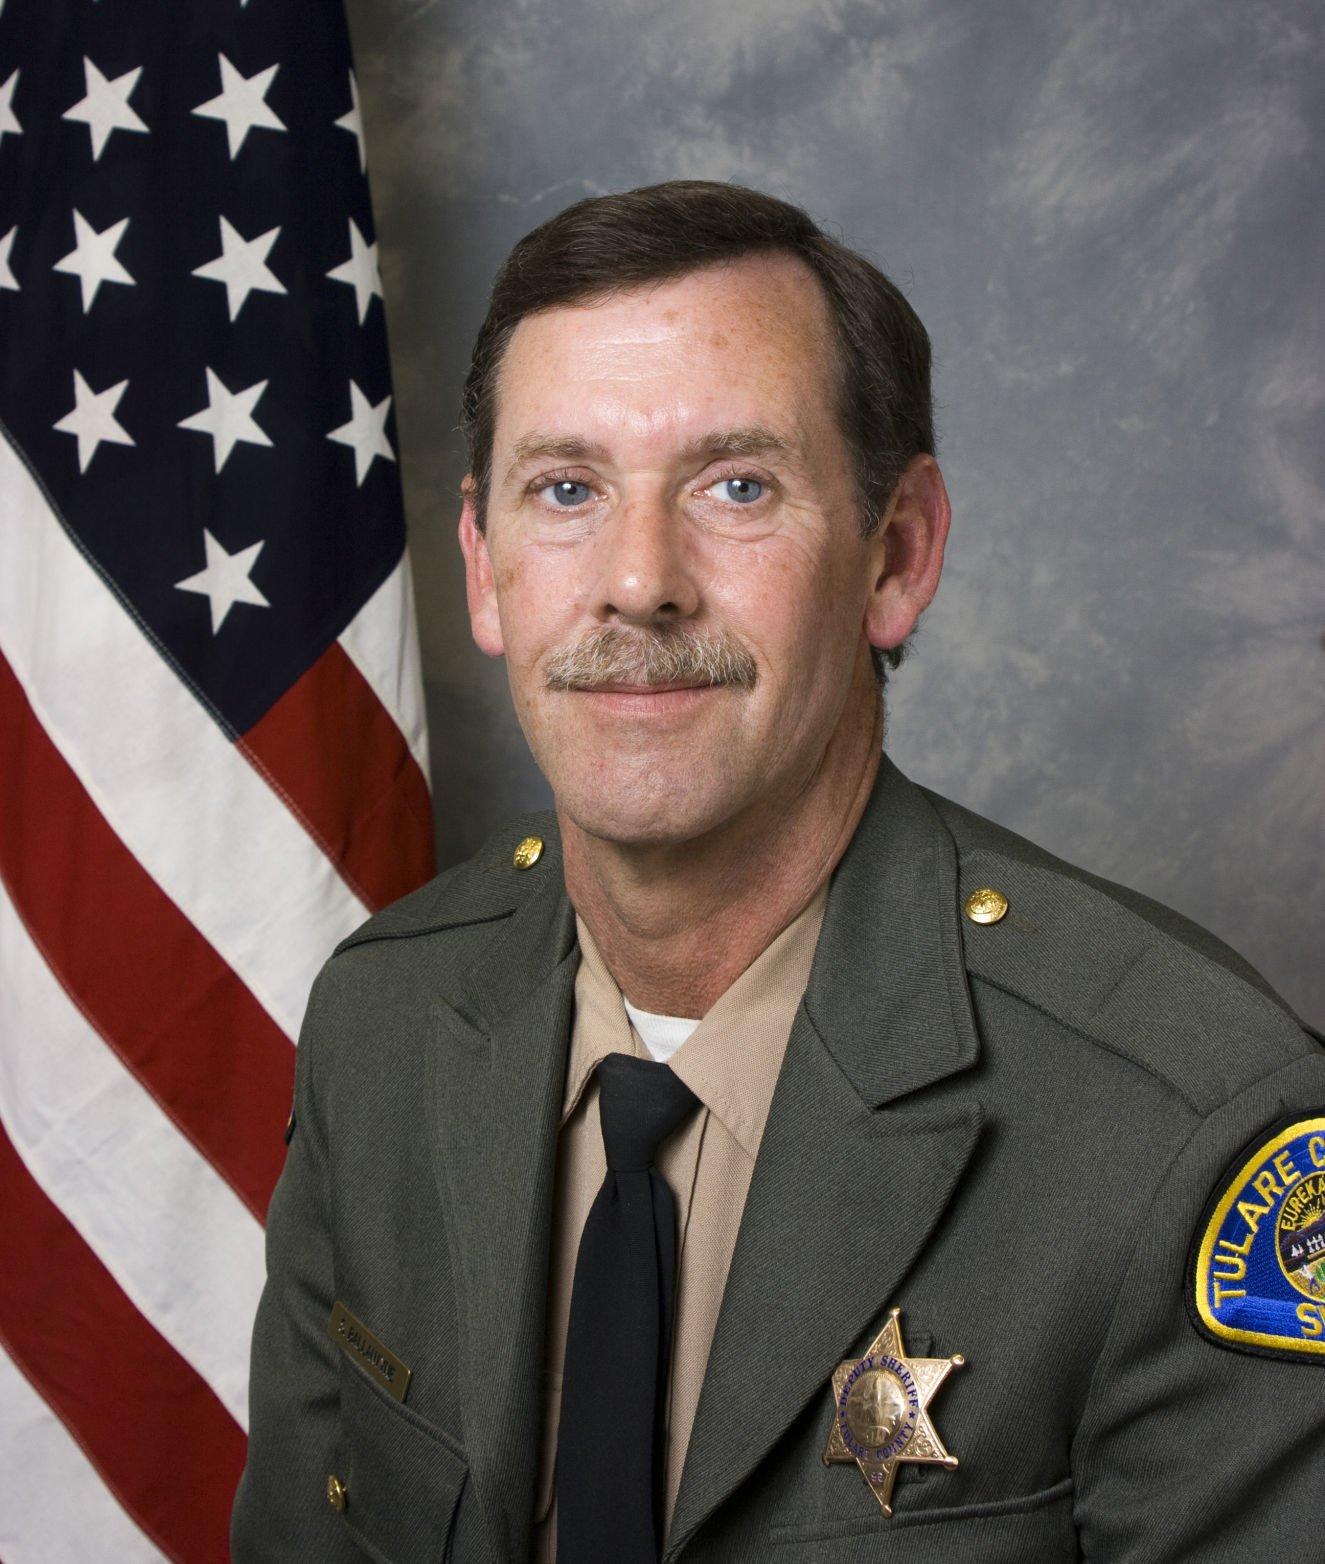 Sheriff unveils Memorial Highway